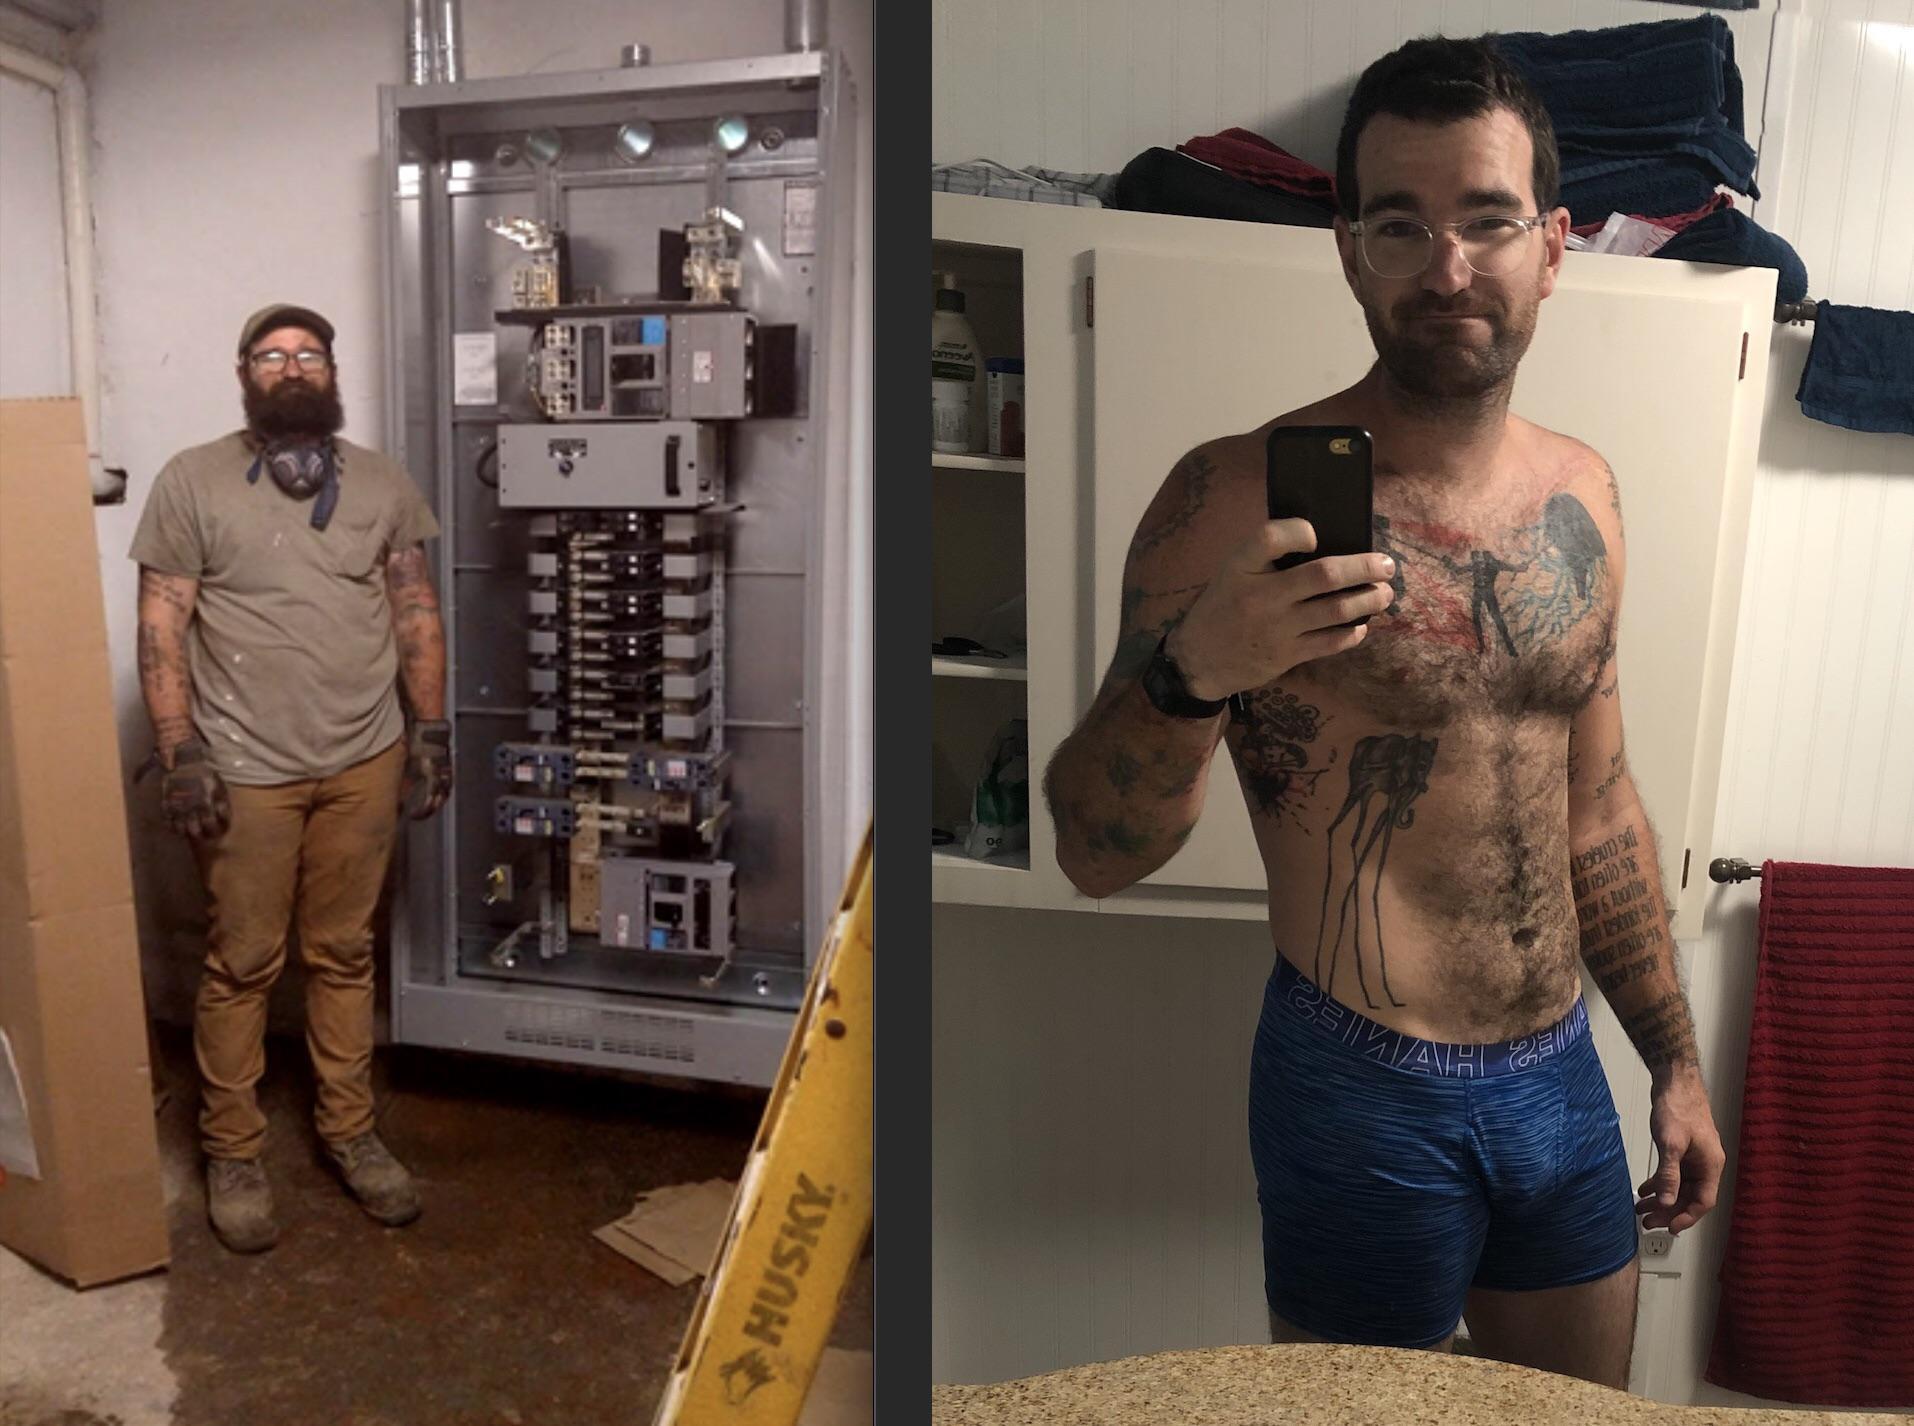 6'4 Male Progress Pics of 60 lbs Fat Loss 255 lbs to 195 lbs